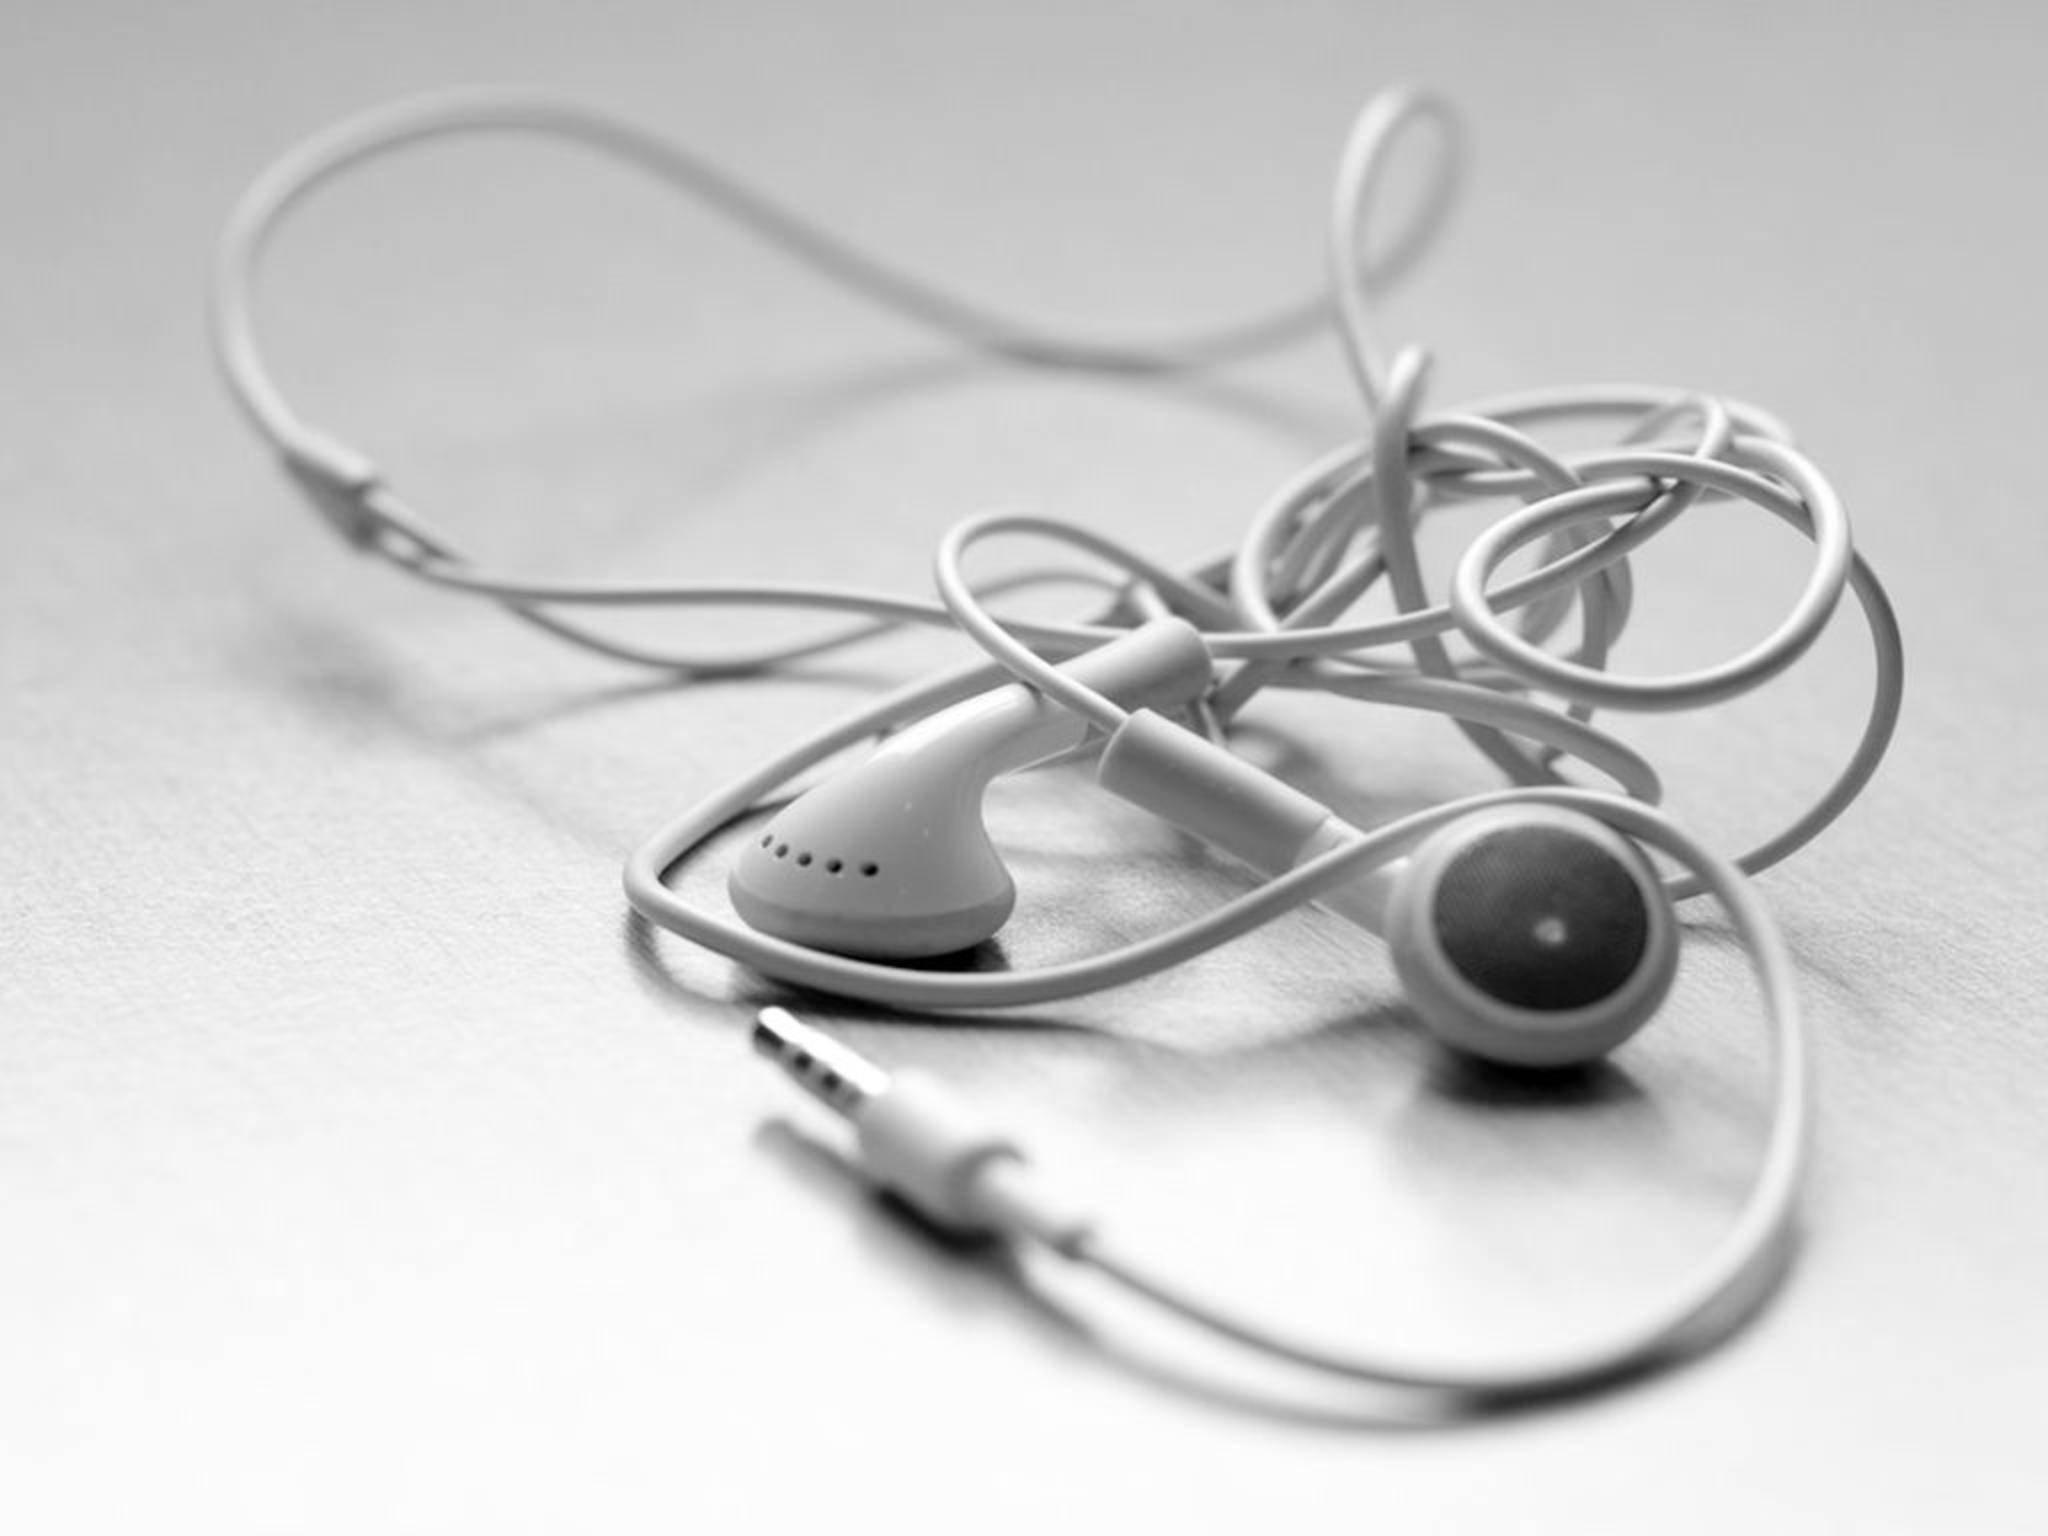 Ein Wirrwarr: So kennt man die Kopfhörer von Apple.